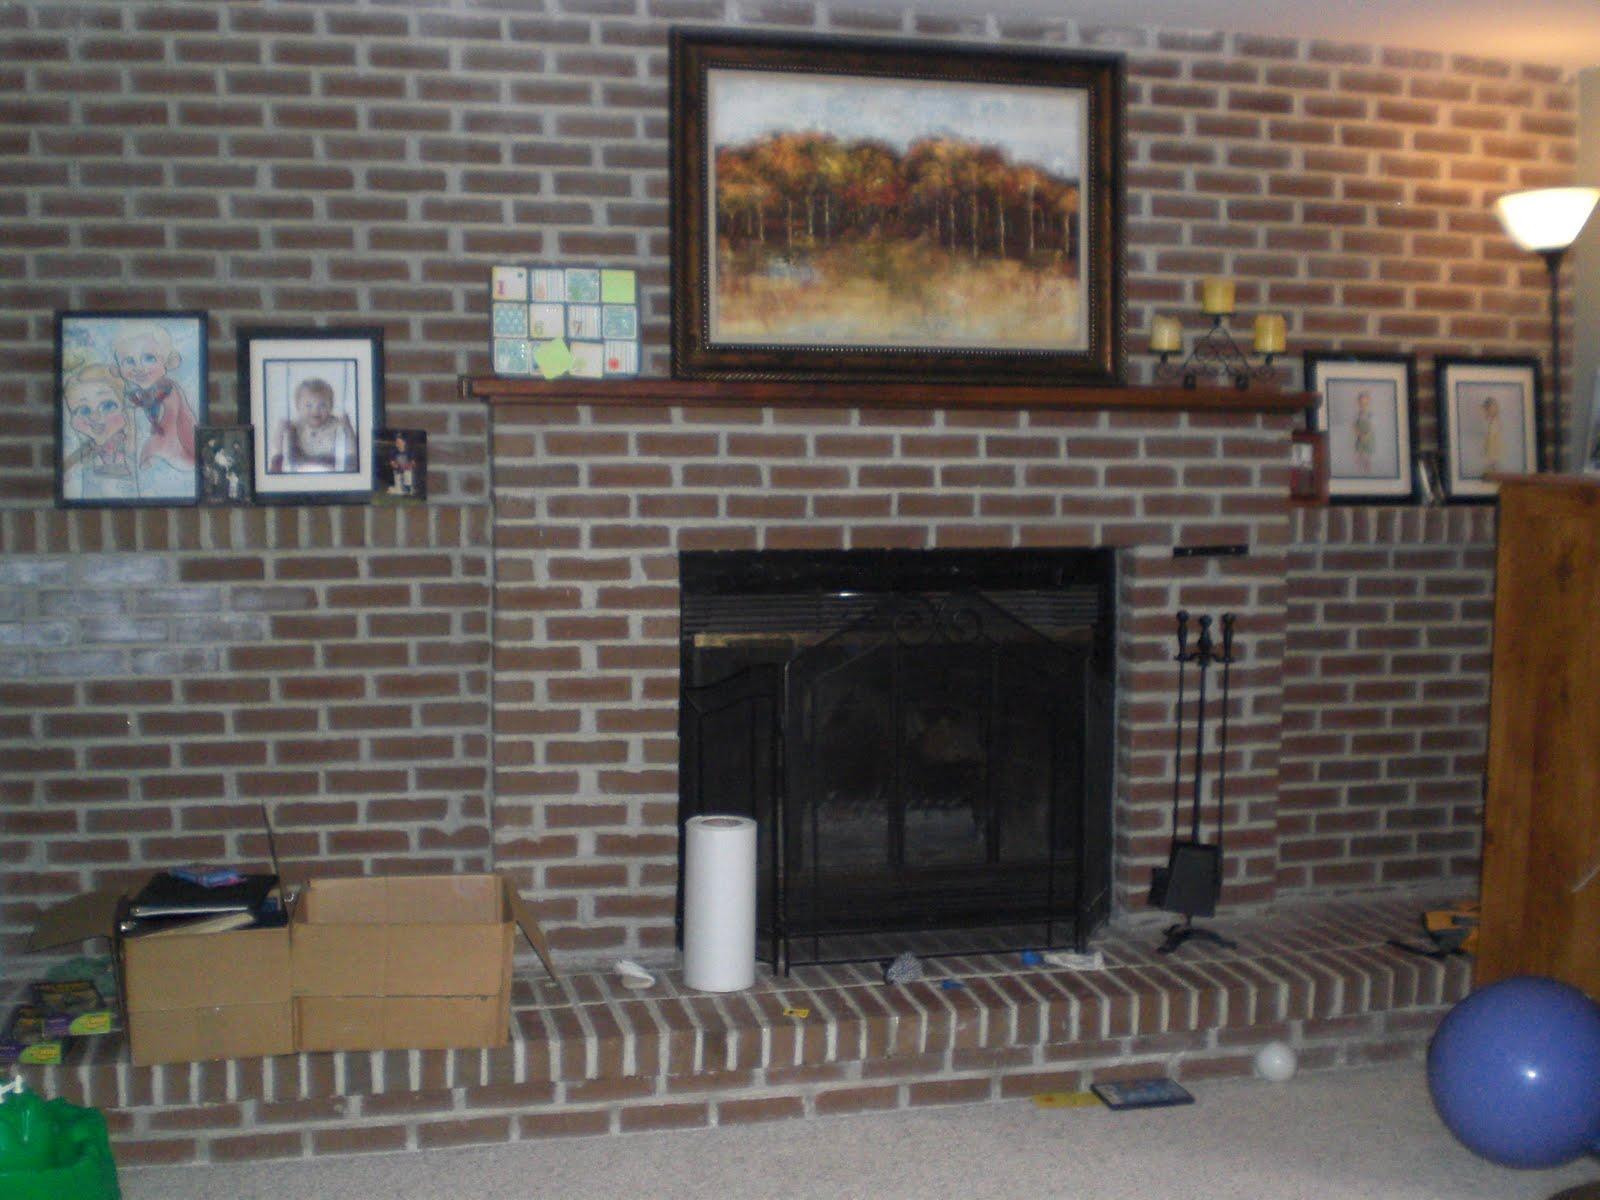 How To Make A Quick Brick Fireplace Makeover KVRivercom